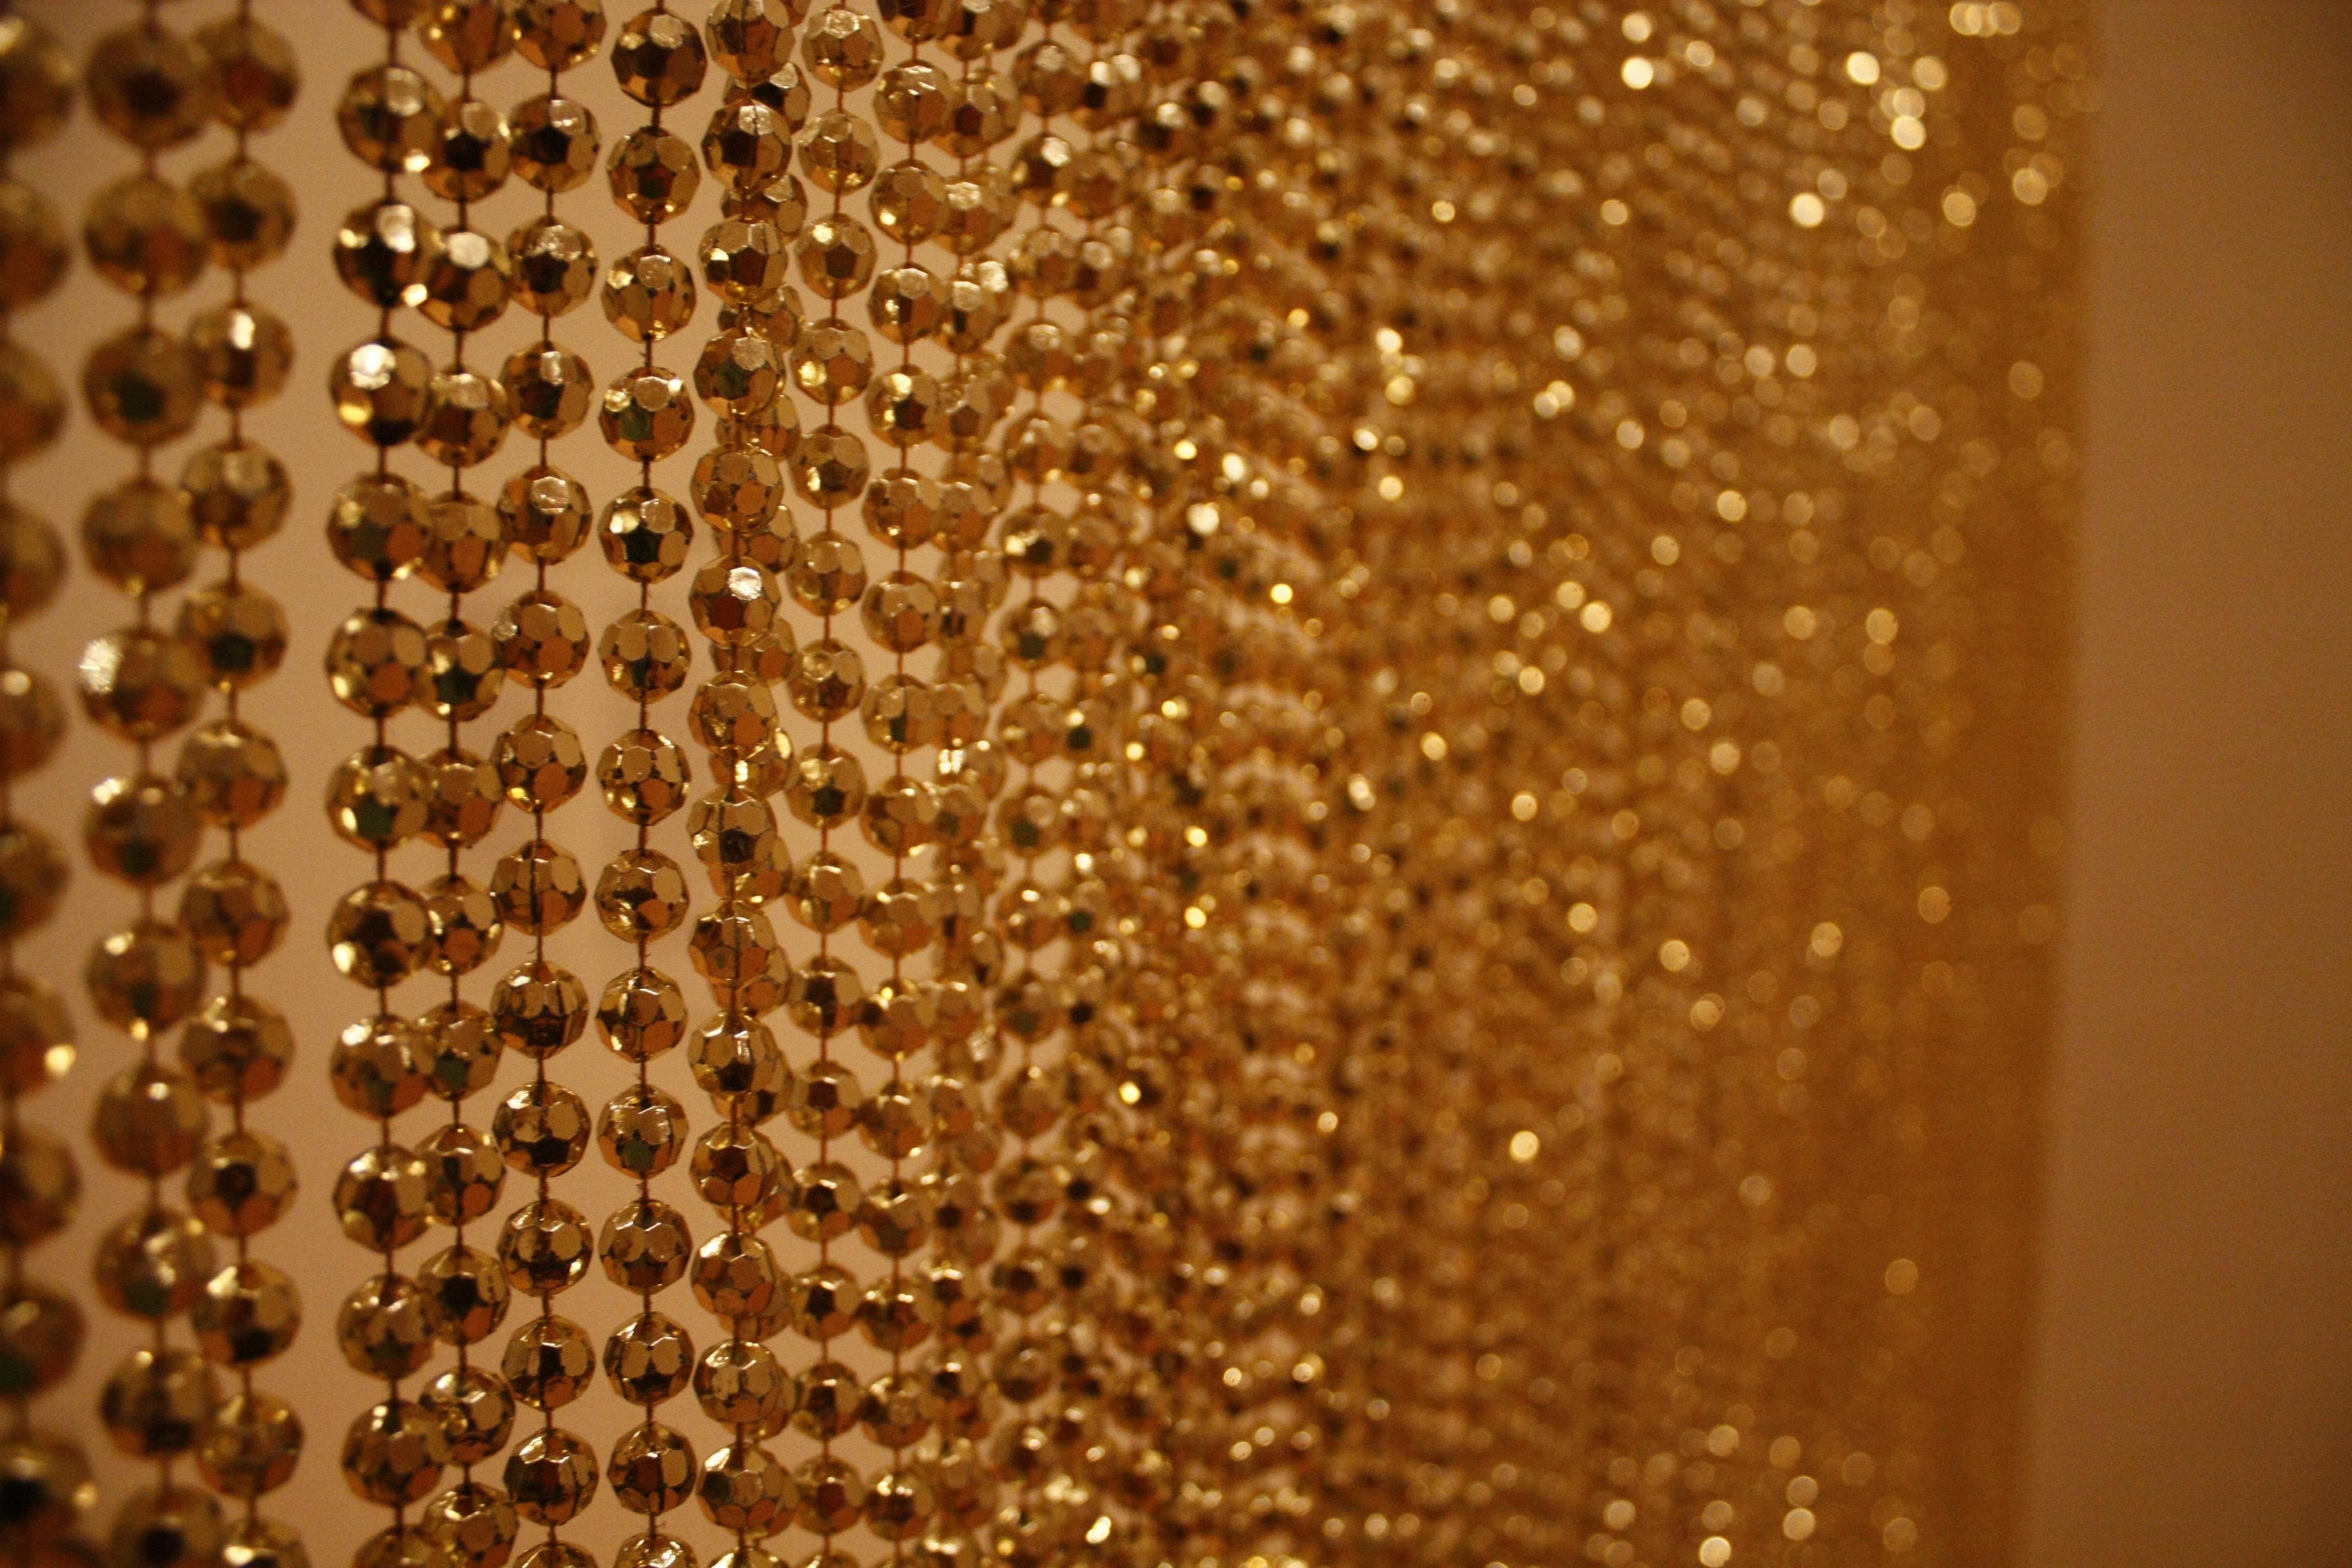 무료 이미지 무늬 갈색 커튼 노랑 조명 자료 금 디자인 전등 샹들리에 불알 매크로